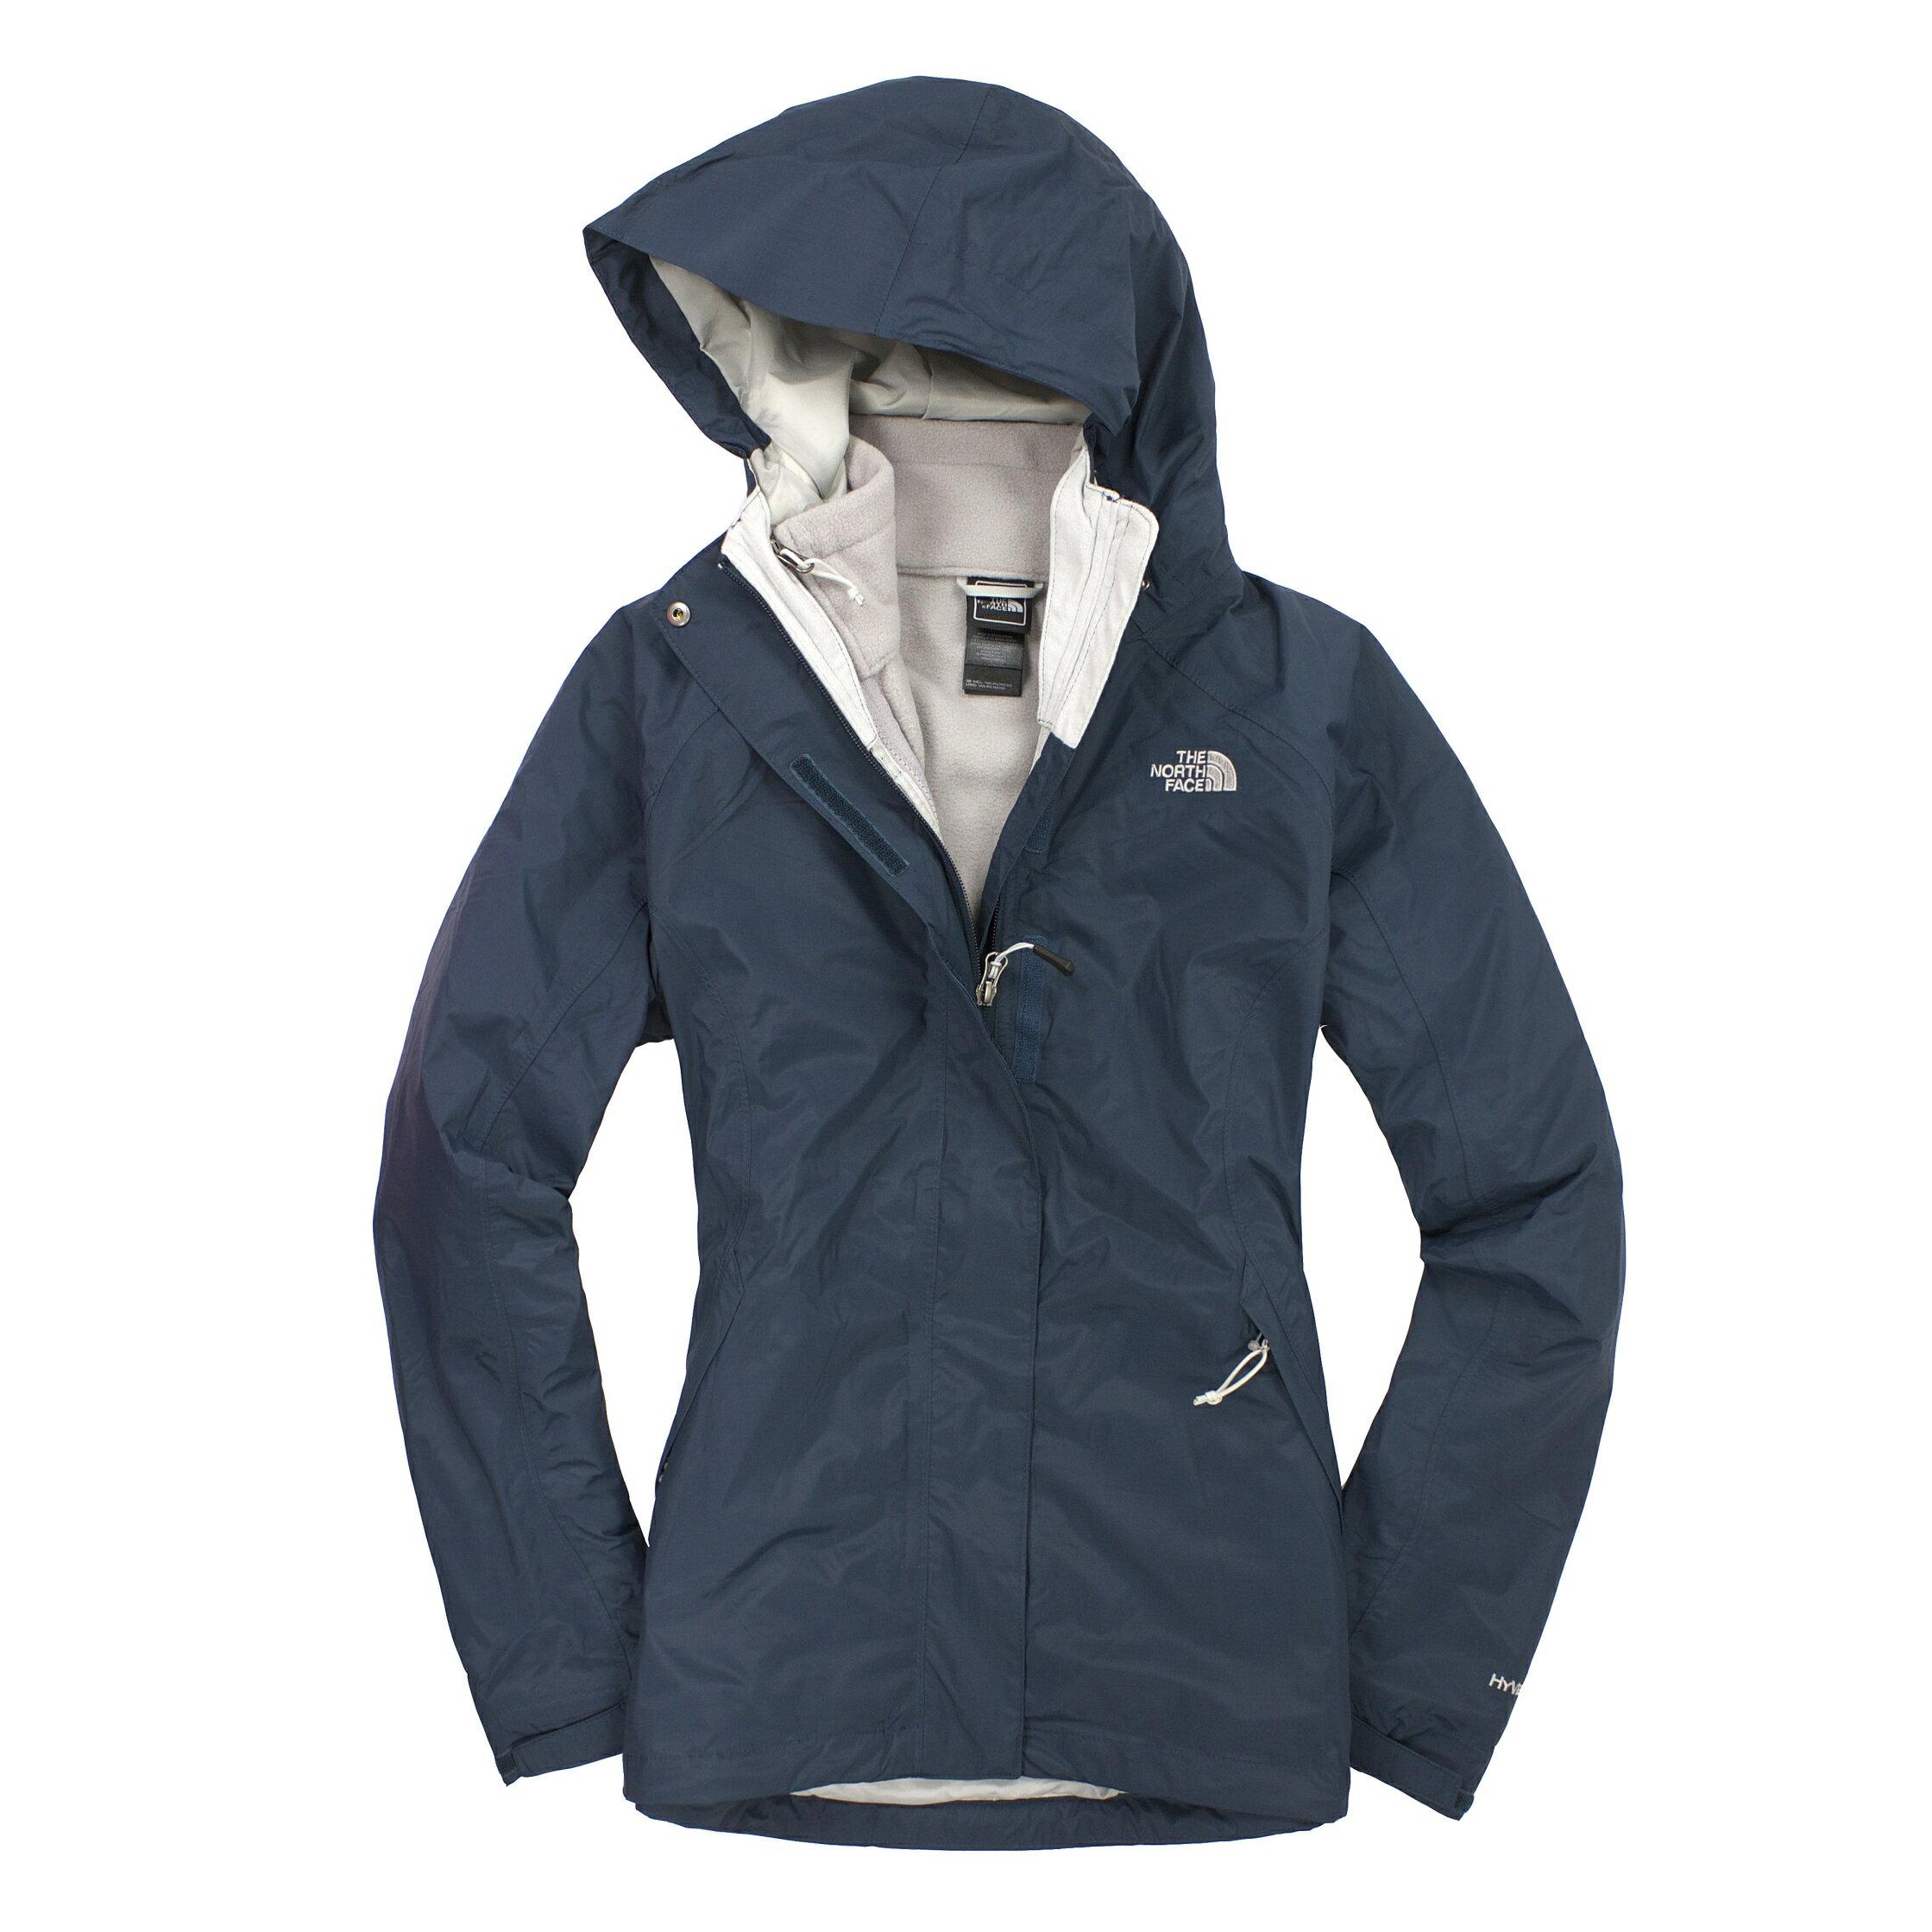 美國百分百【全新真品】The North Face 外套 TNF 夾克 連帽 北臉 深藍 兩件式 Hyvent 女衣 S號 A829